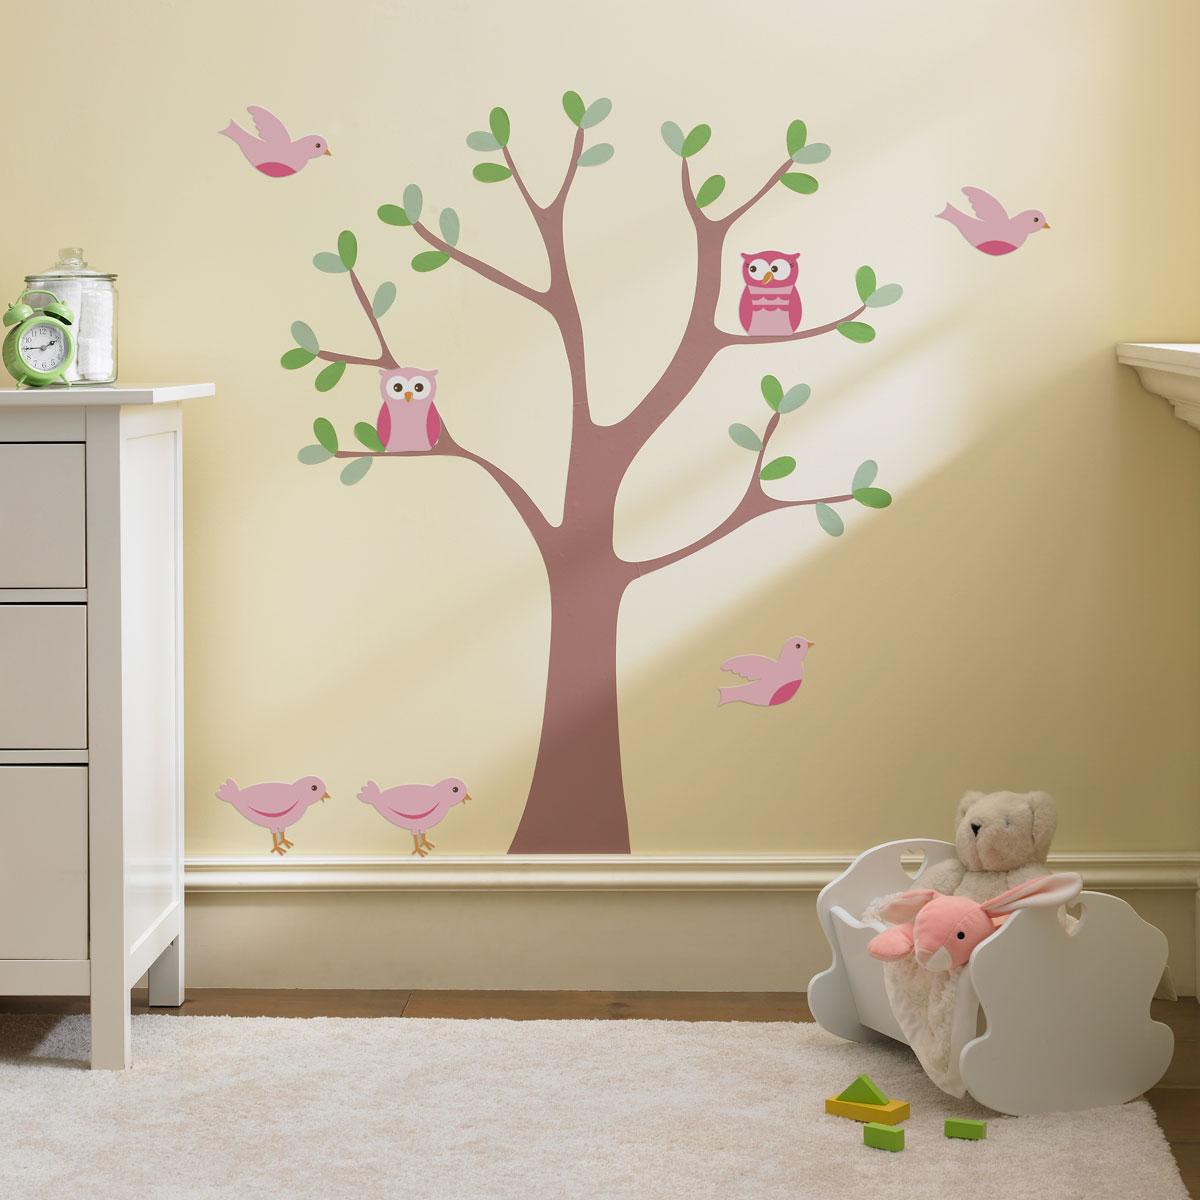 Дизайн стены своими руками в детской комнате 77